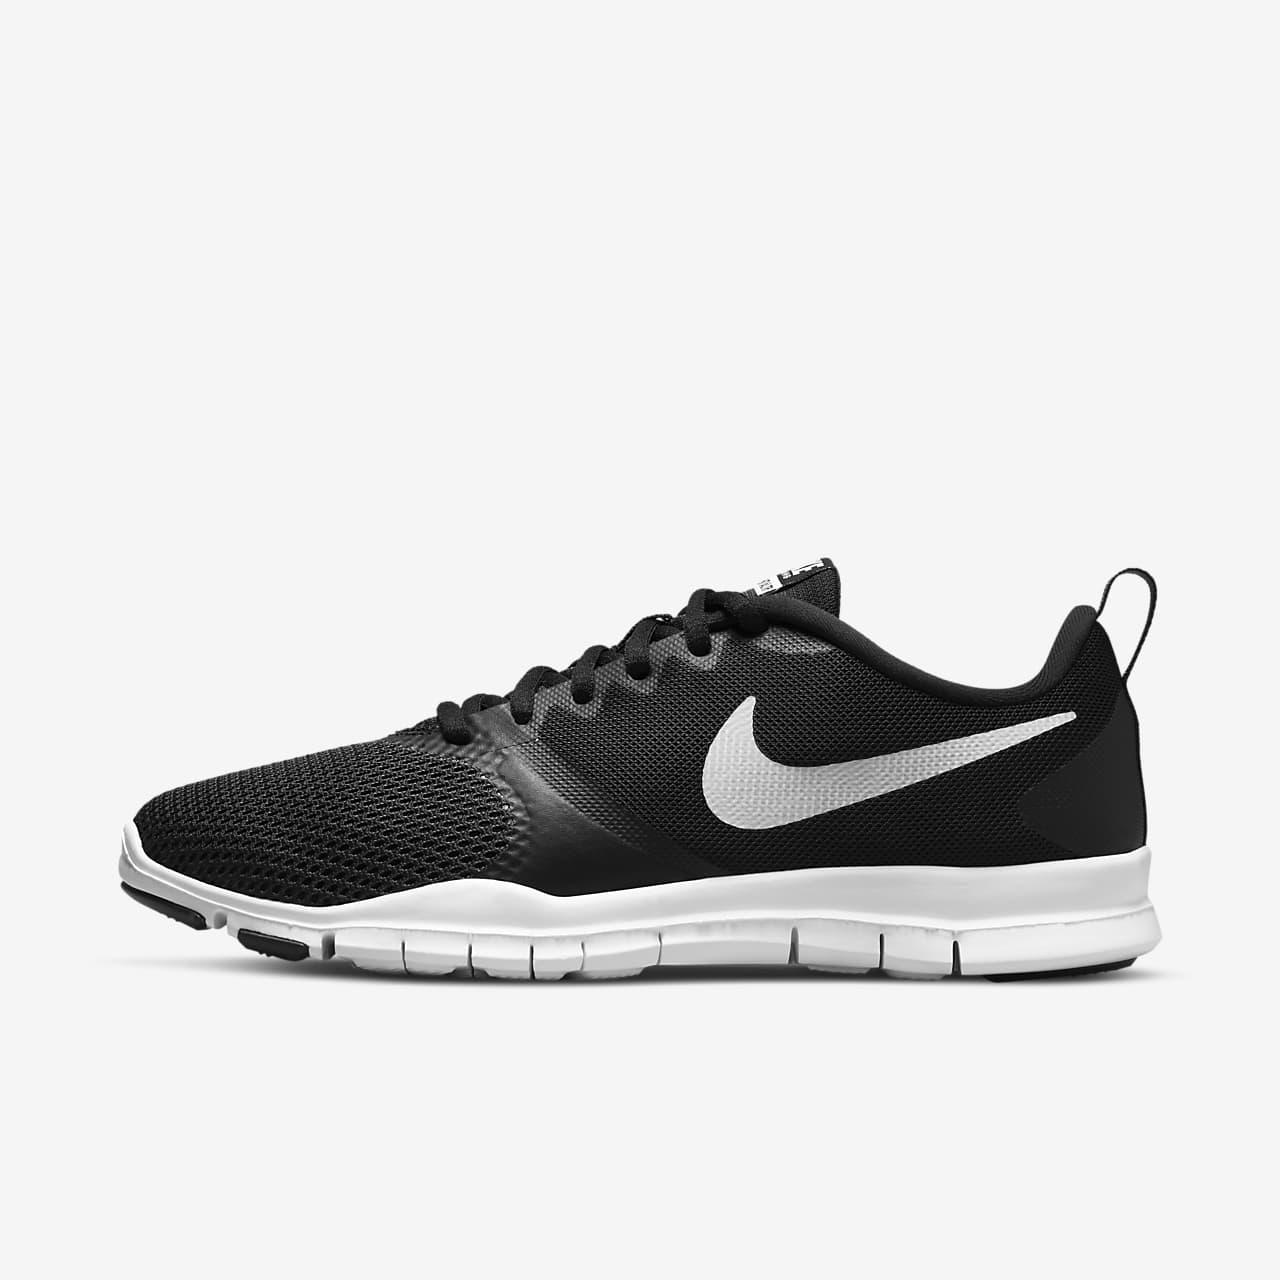 f4a23498 ... Женские кроссовки для фитнеса, тренинга и занятий в зале Nike Flex  Essential TR